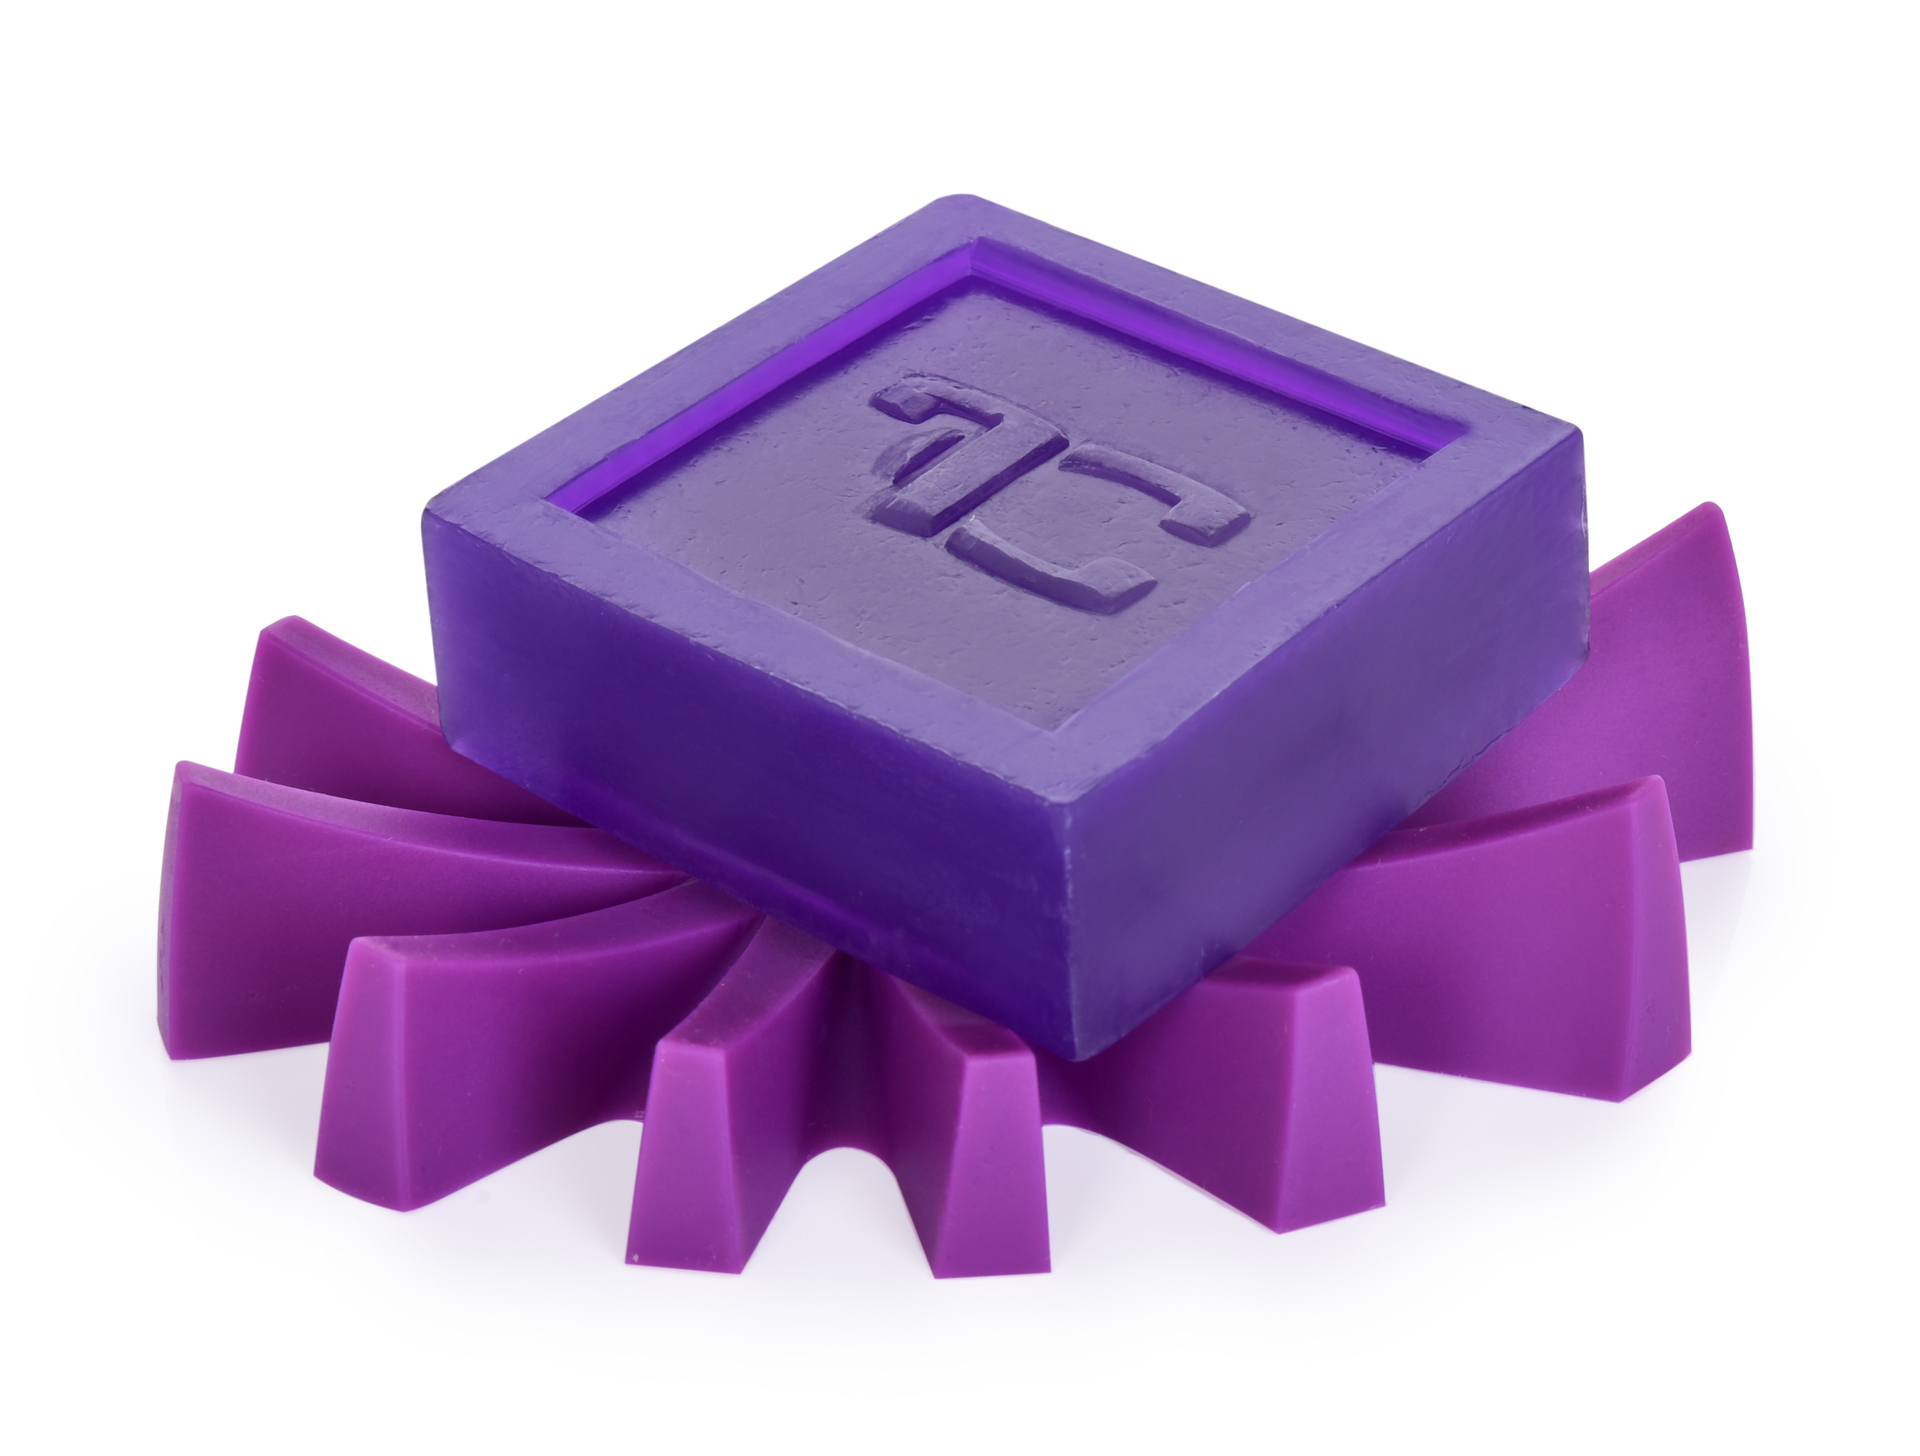 Mýdlovník fialový, stojan na tuhá mýdla